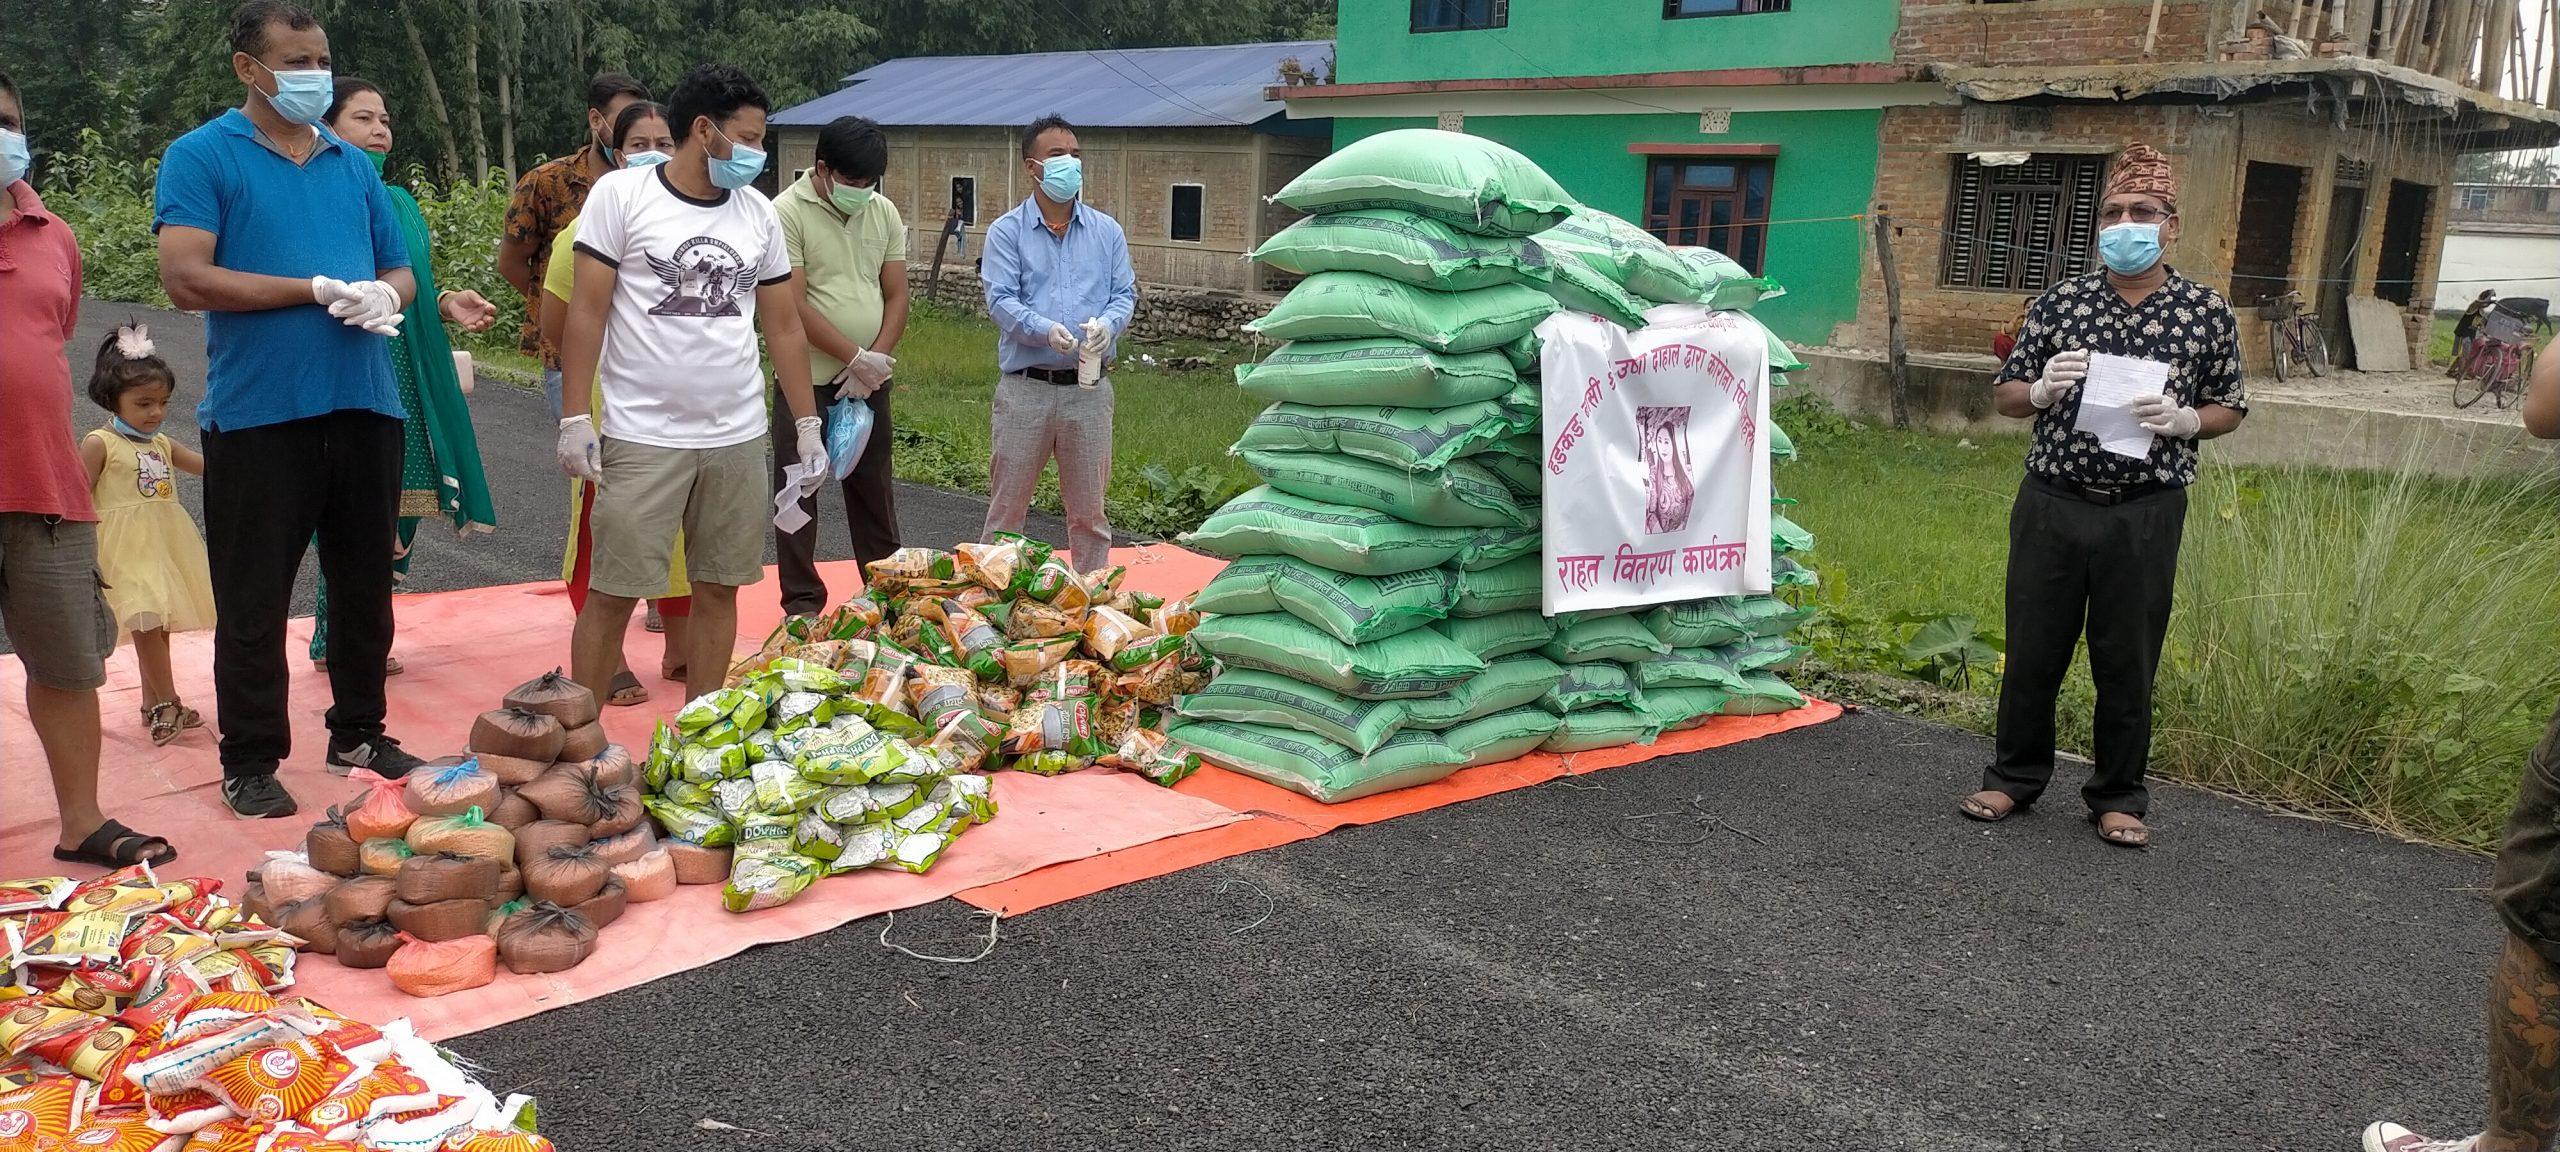 हङकङमा रहेकी उषा दाहाल द्वारा दमकका ६३ बिपन्न परिवारलाई राहत वितरण